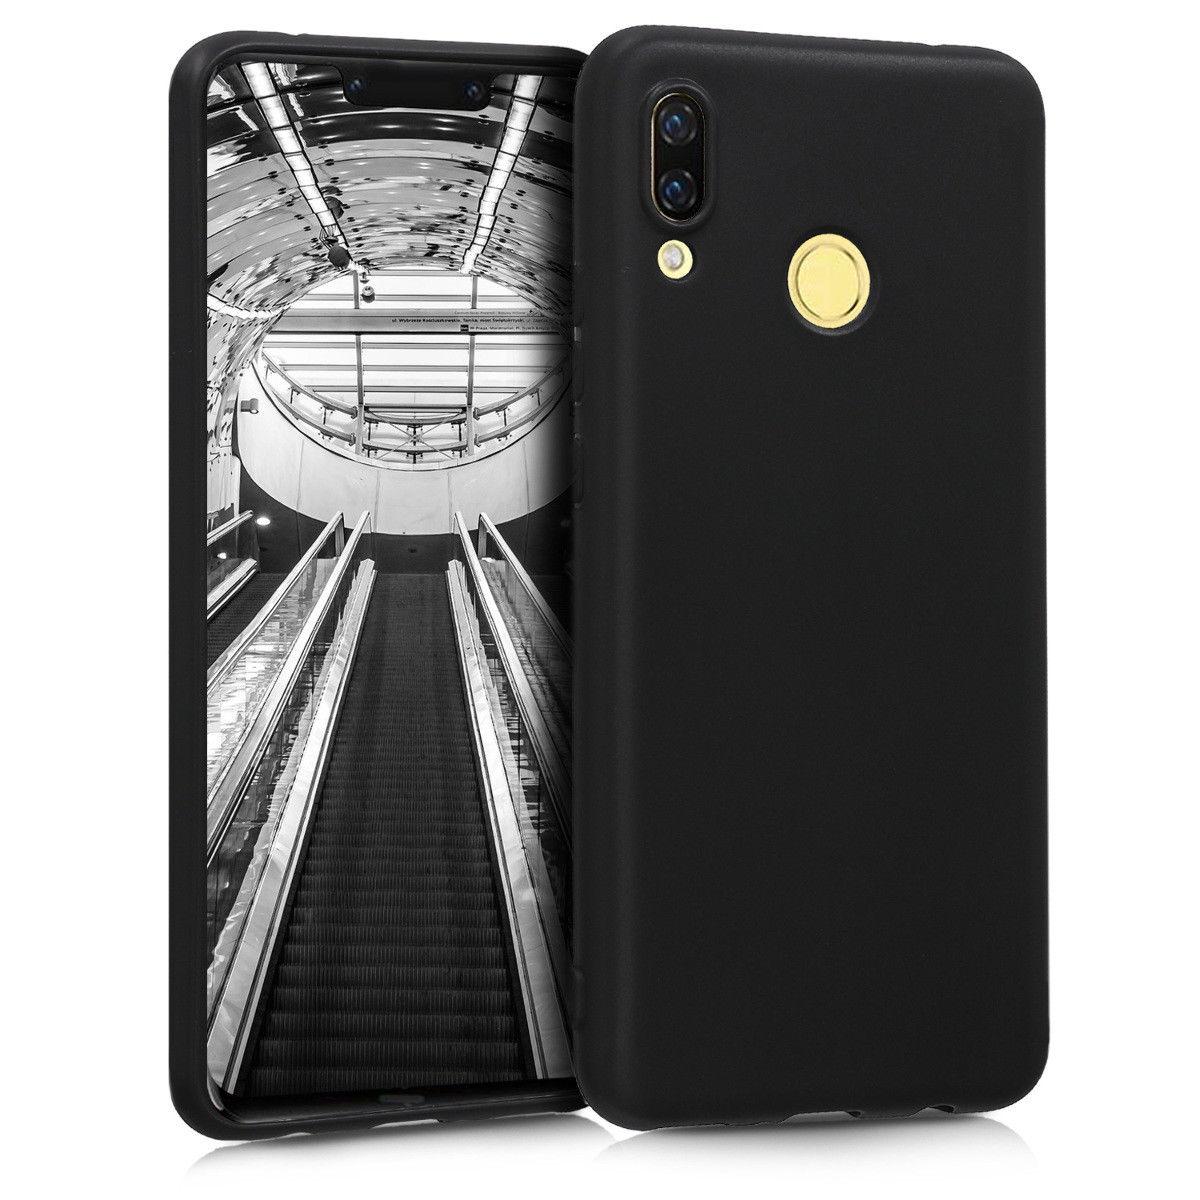 Pouzdro GEL pro Huawei Nova 3 černé